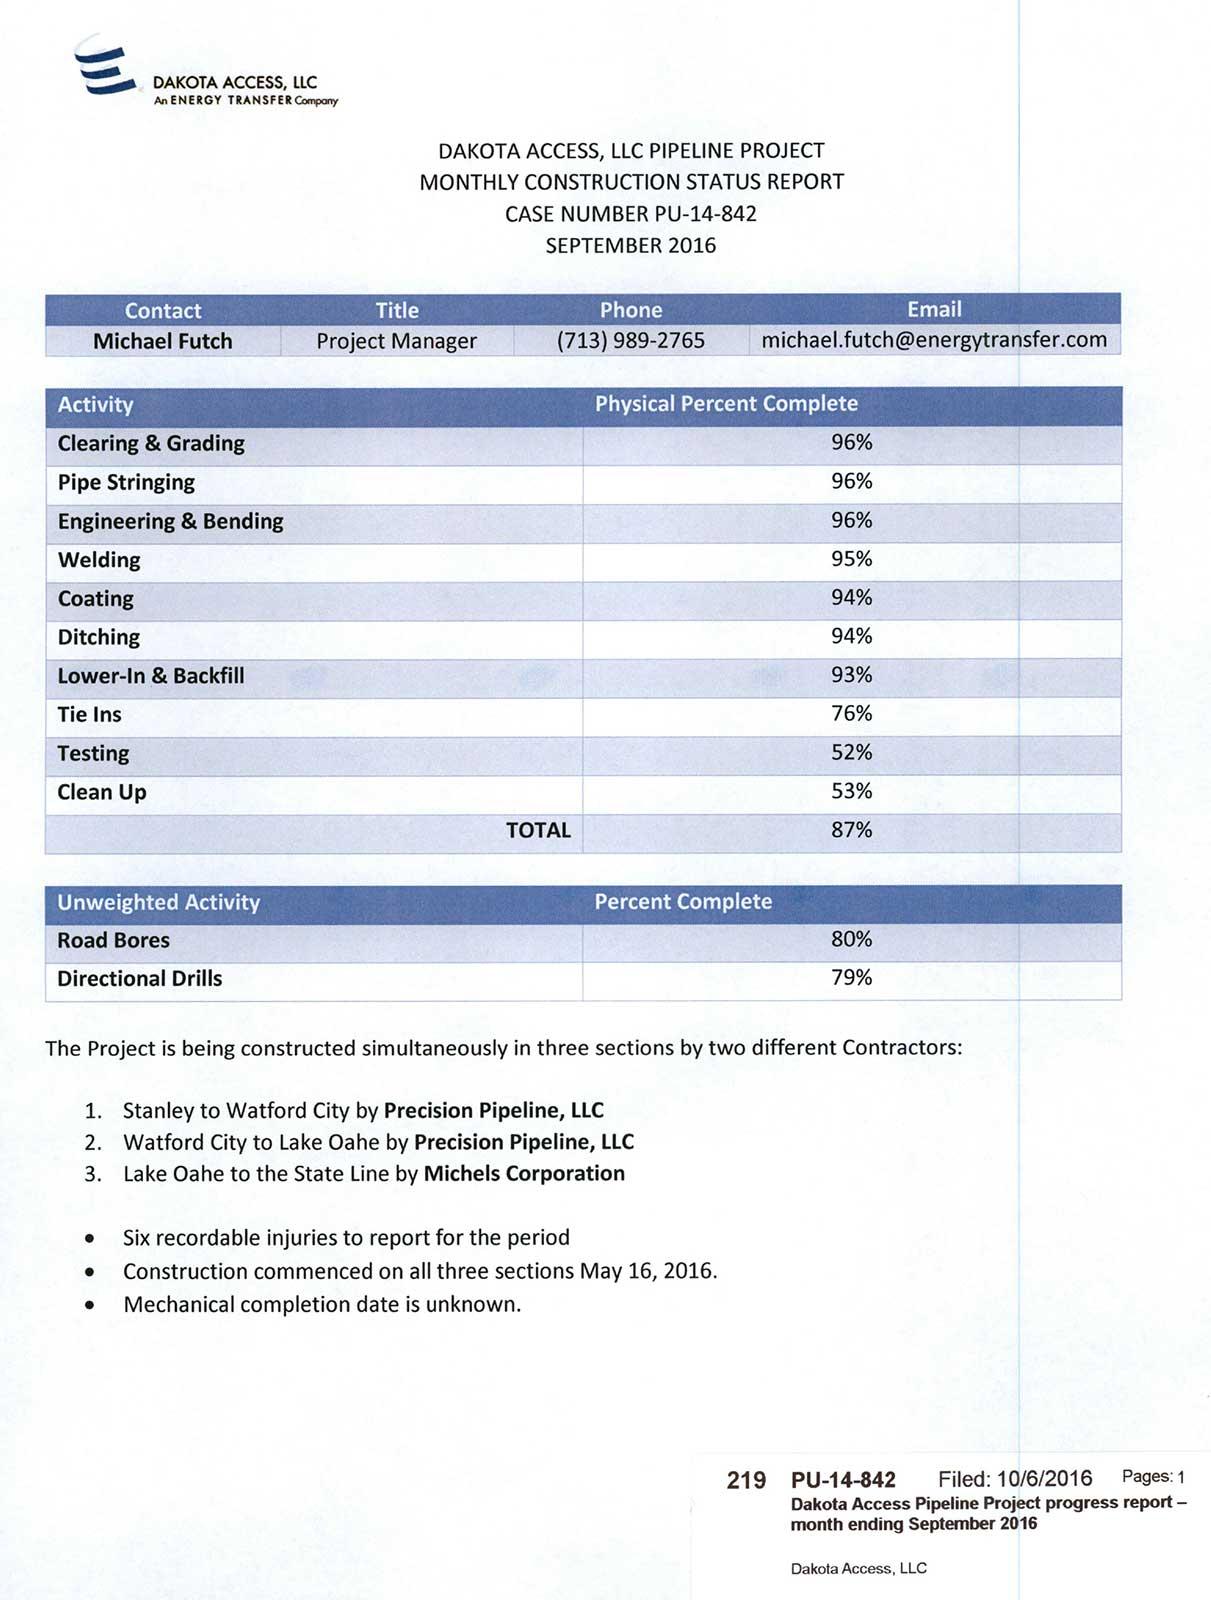 DAPL Monthly Progress Report